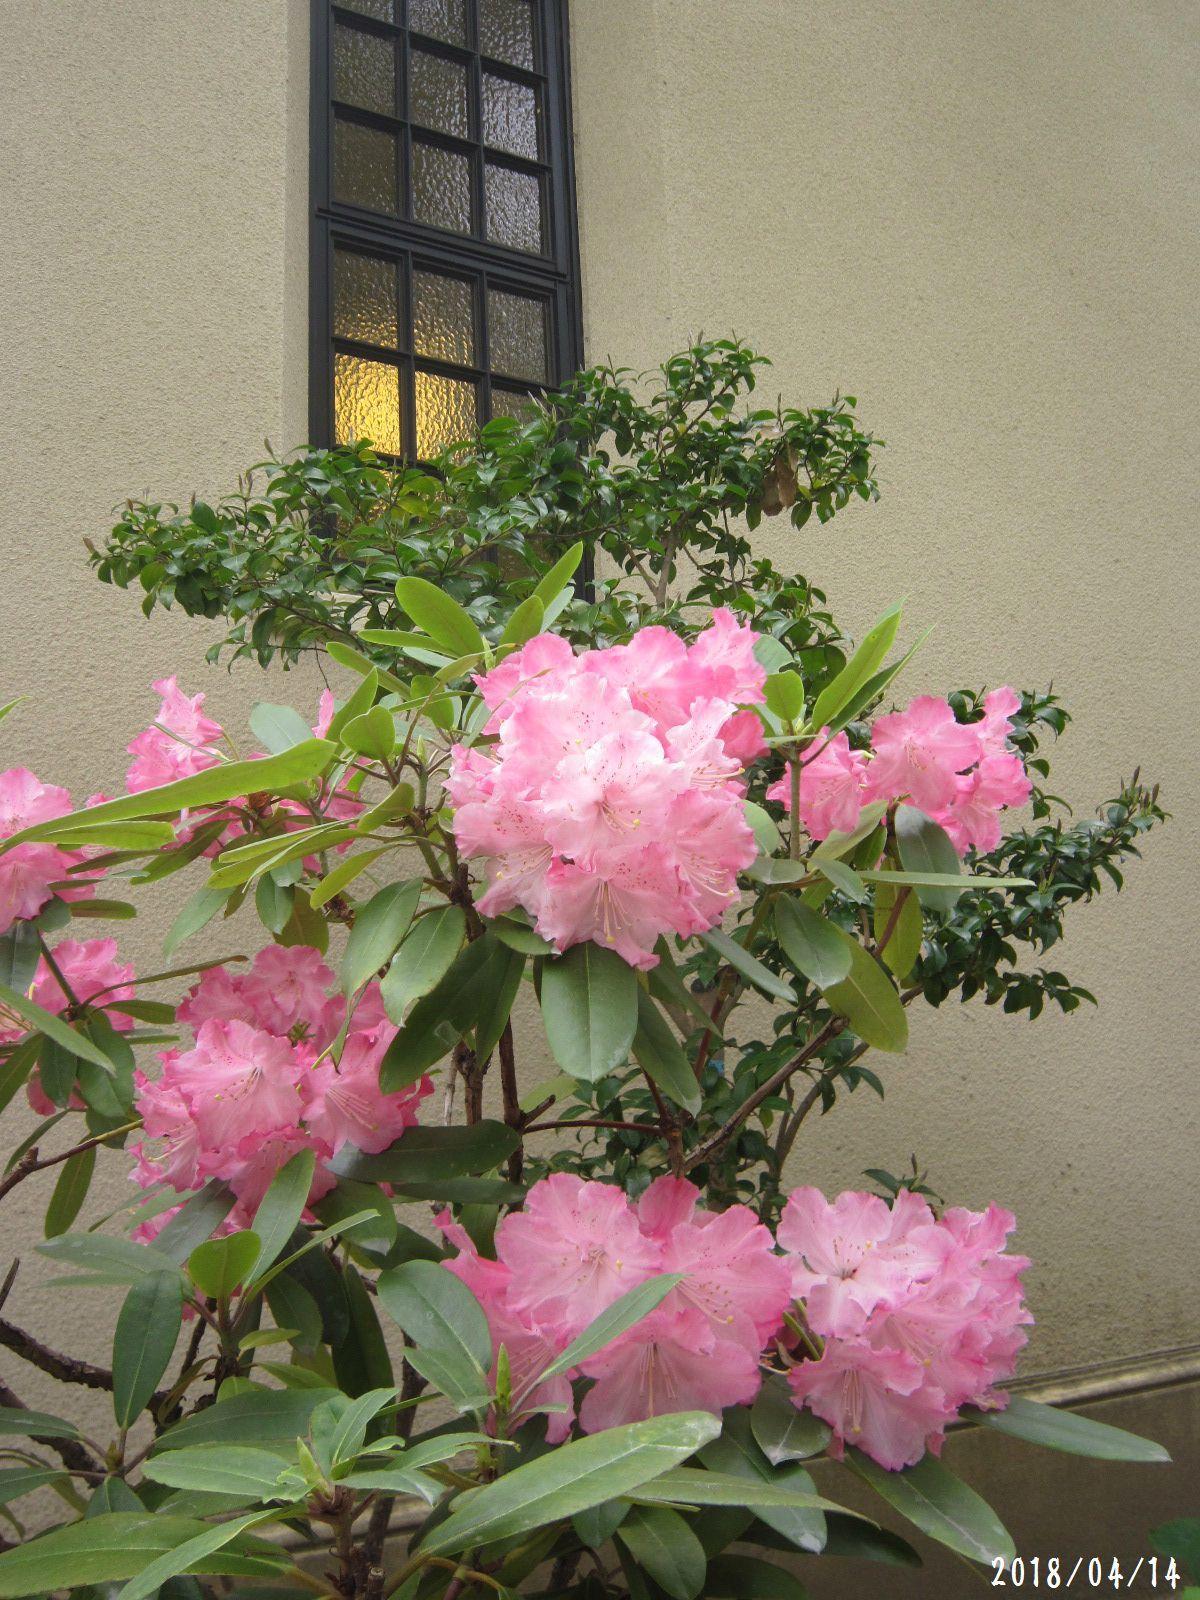 緑まばゆい季節となりました☆(5月10日追記あり) _a0207574_08174698.jpg